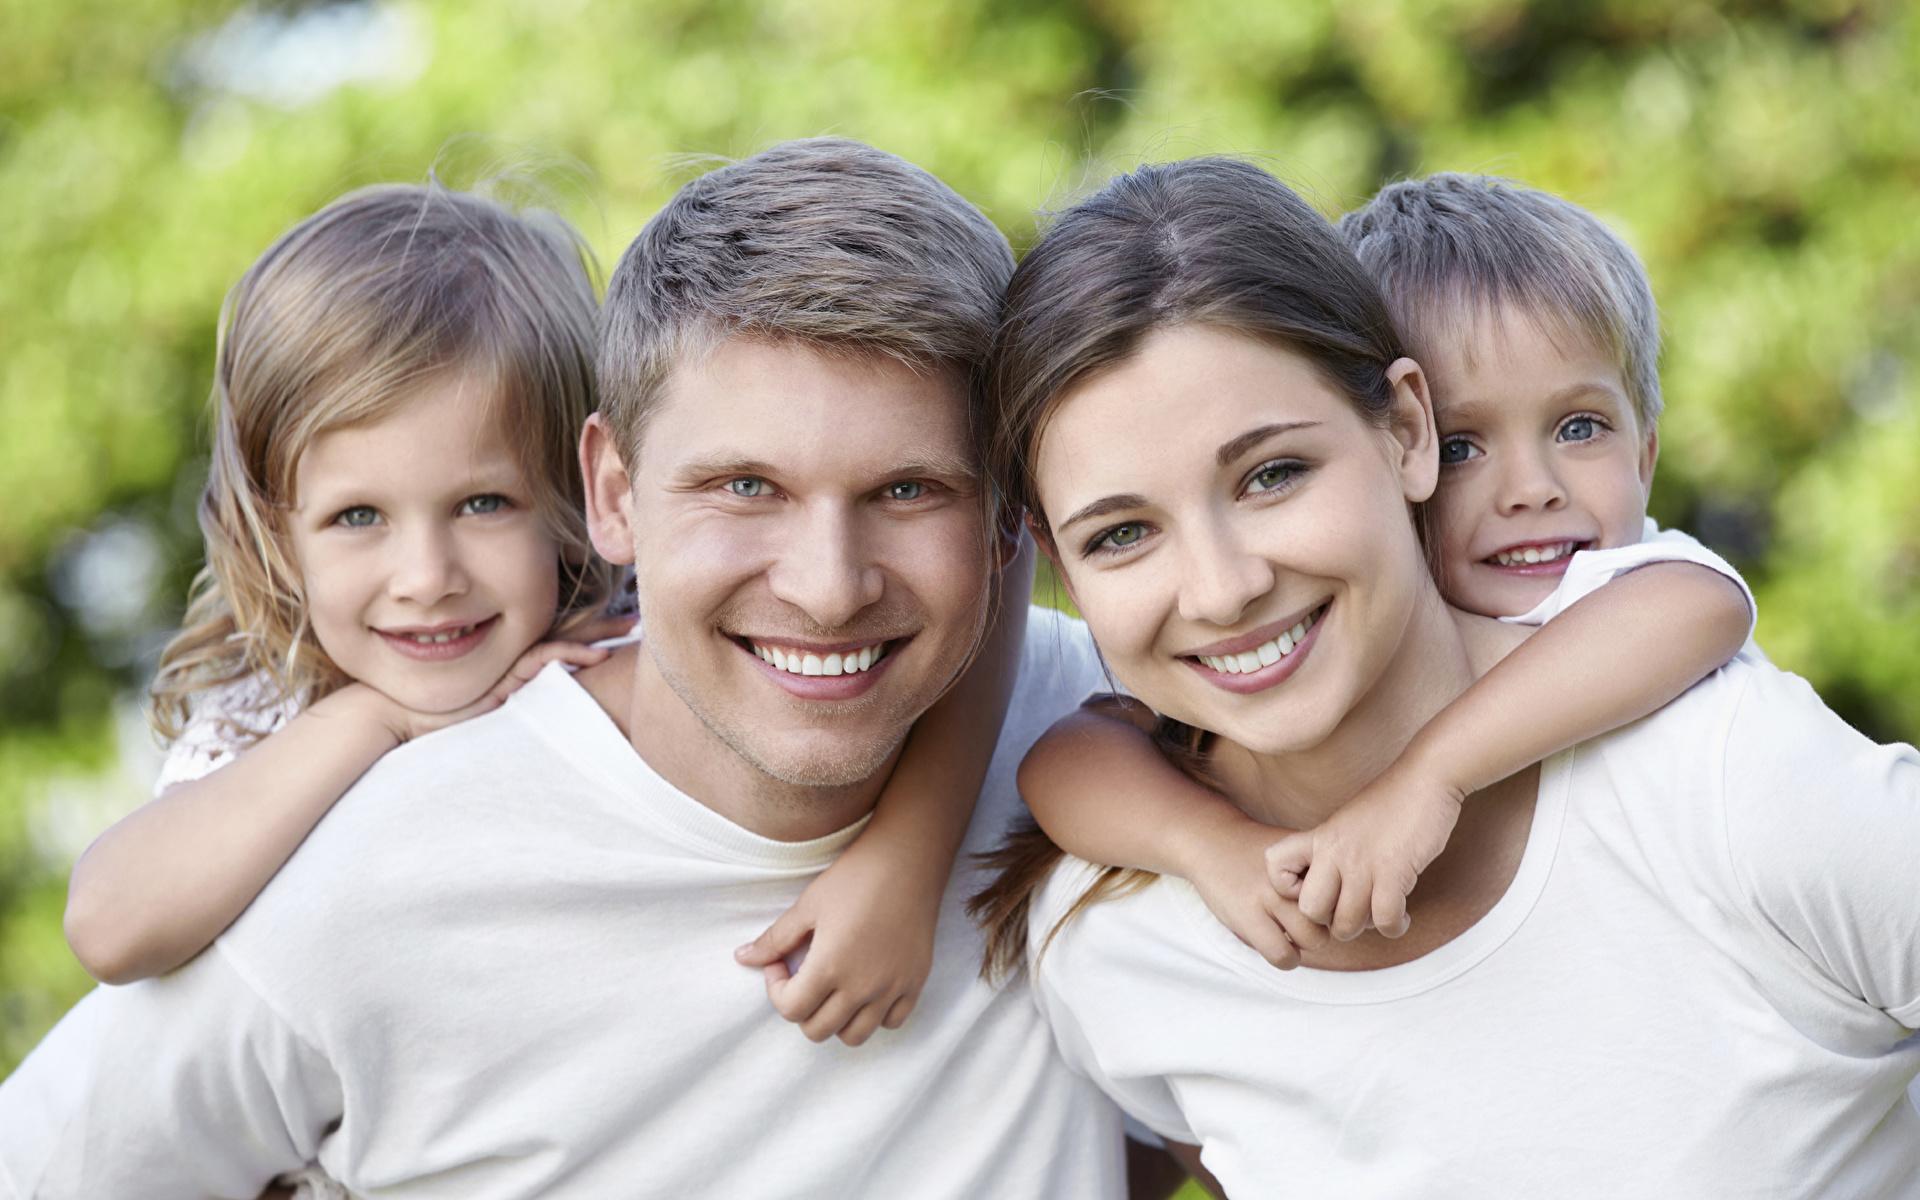 Воссоединение семьи: как оформить визу в Германию правильно